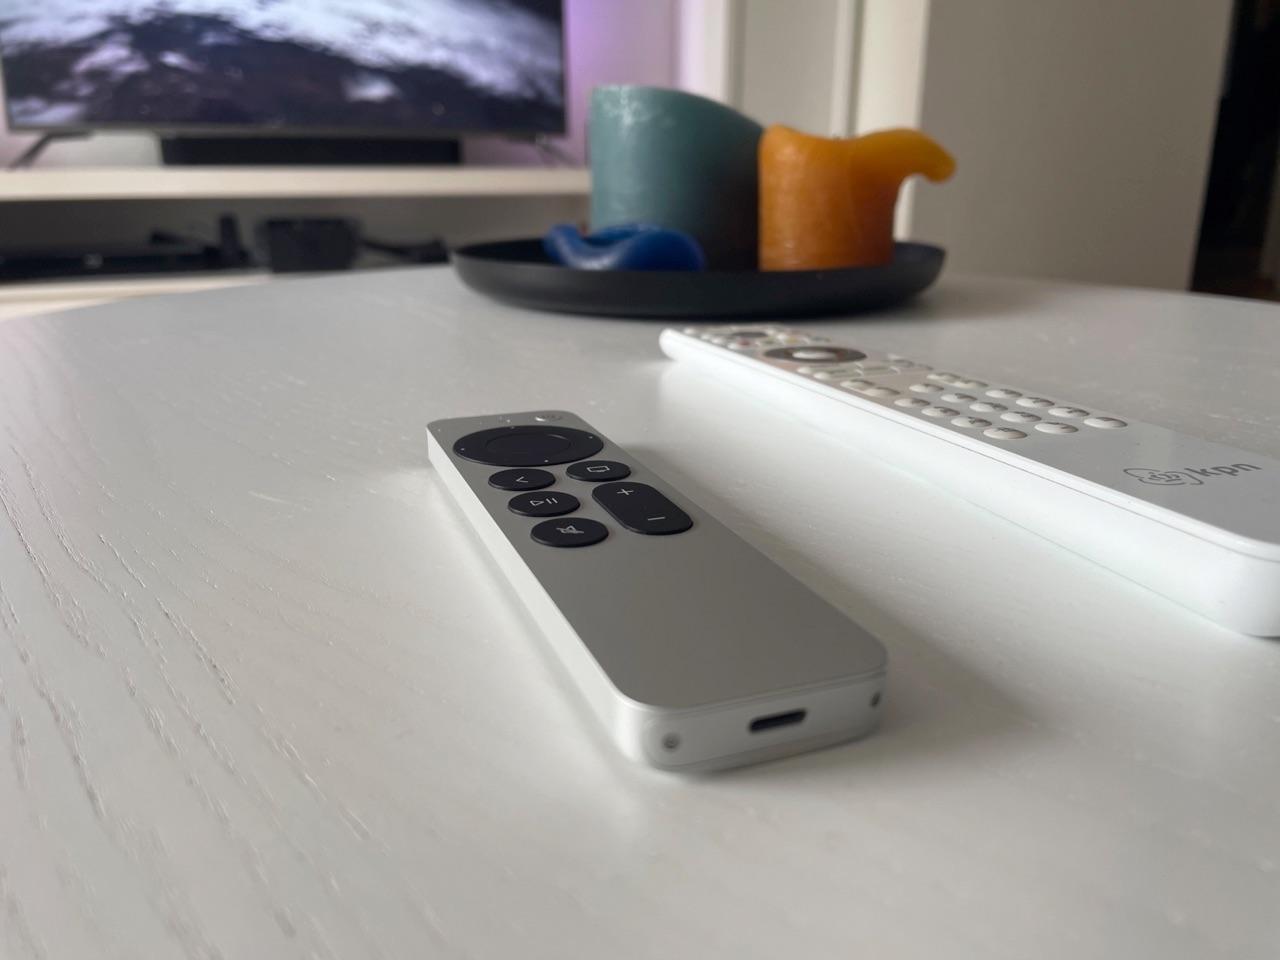 Siri Remote review: op tafel met KPN-afstandsbediening.